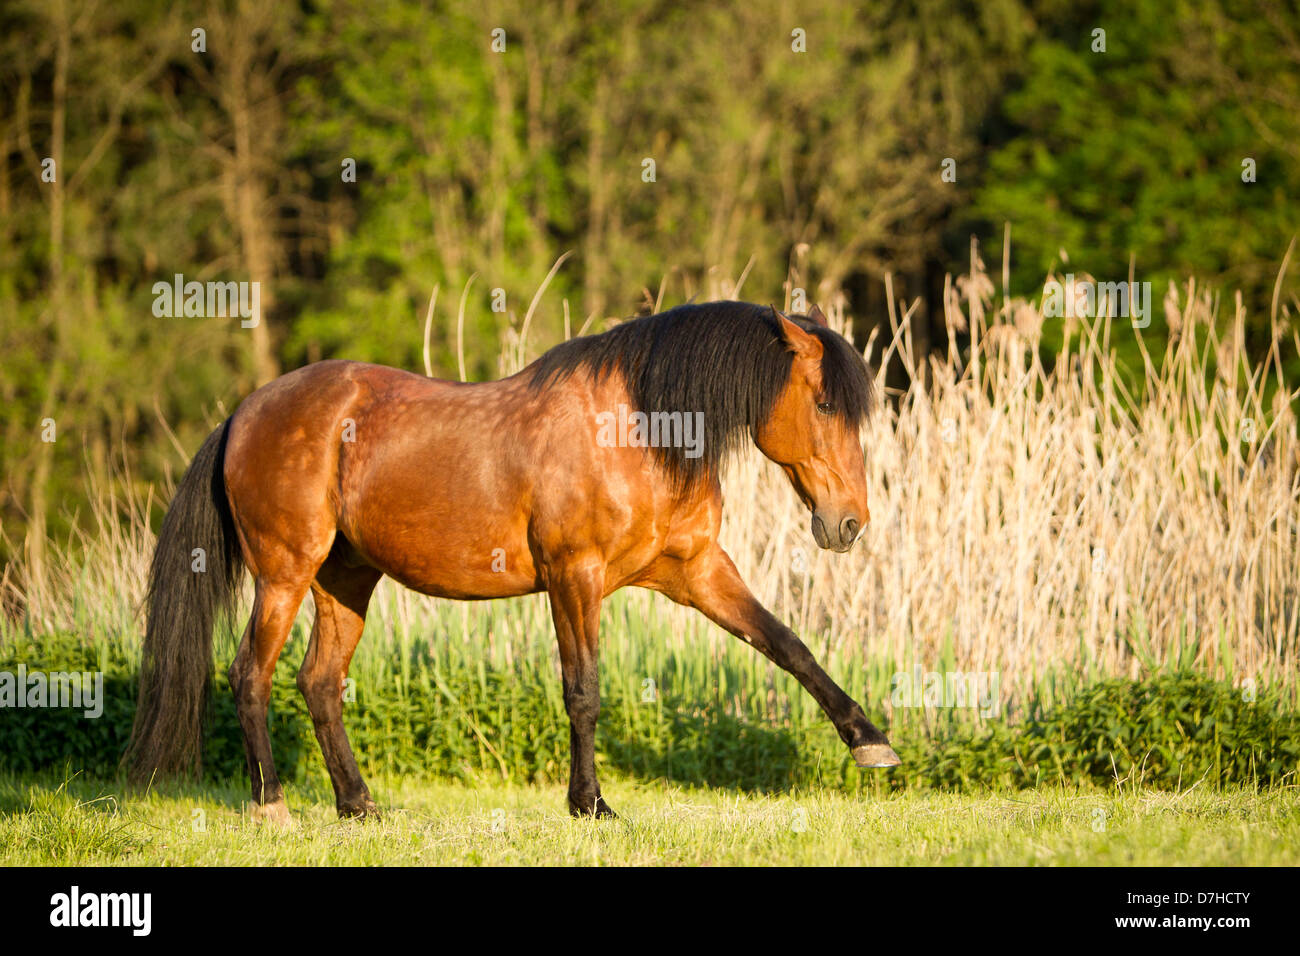 Weide-andalusischen Pferd Bay Hengst spanischen Schritt durchführen Stockbild